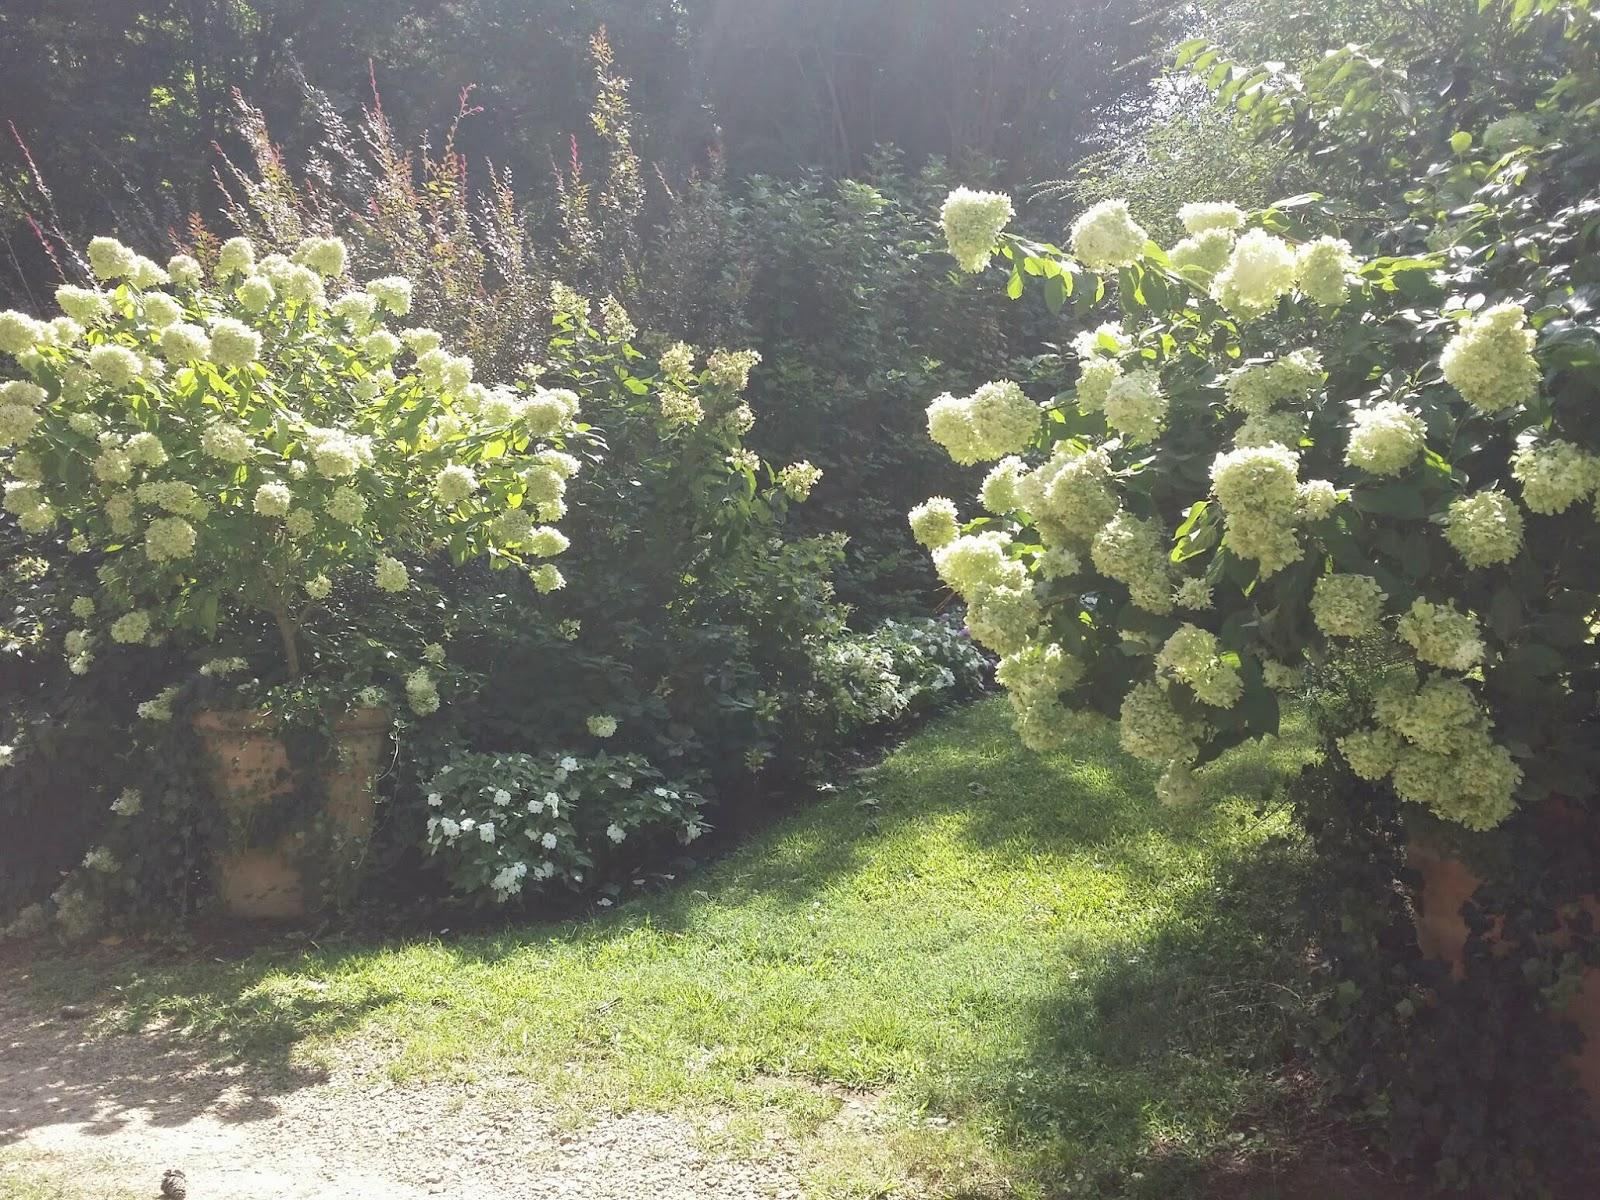 TARA DILLARD: Hydrangea